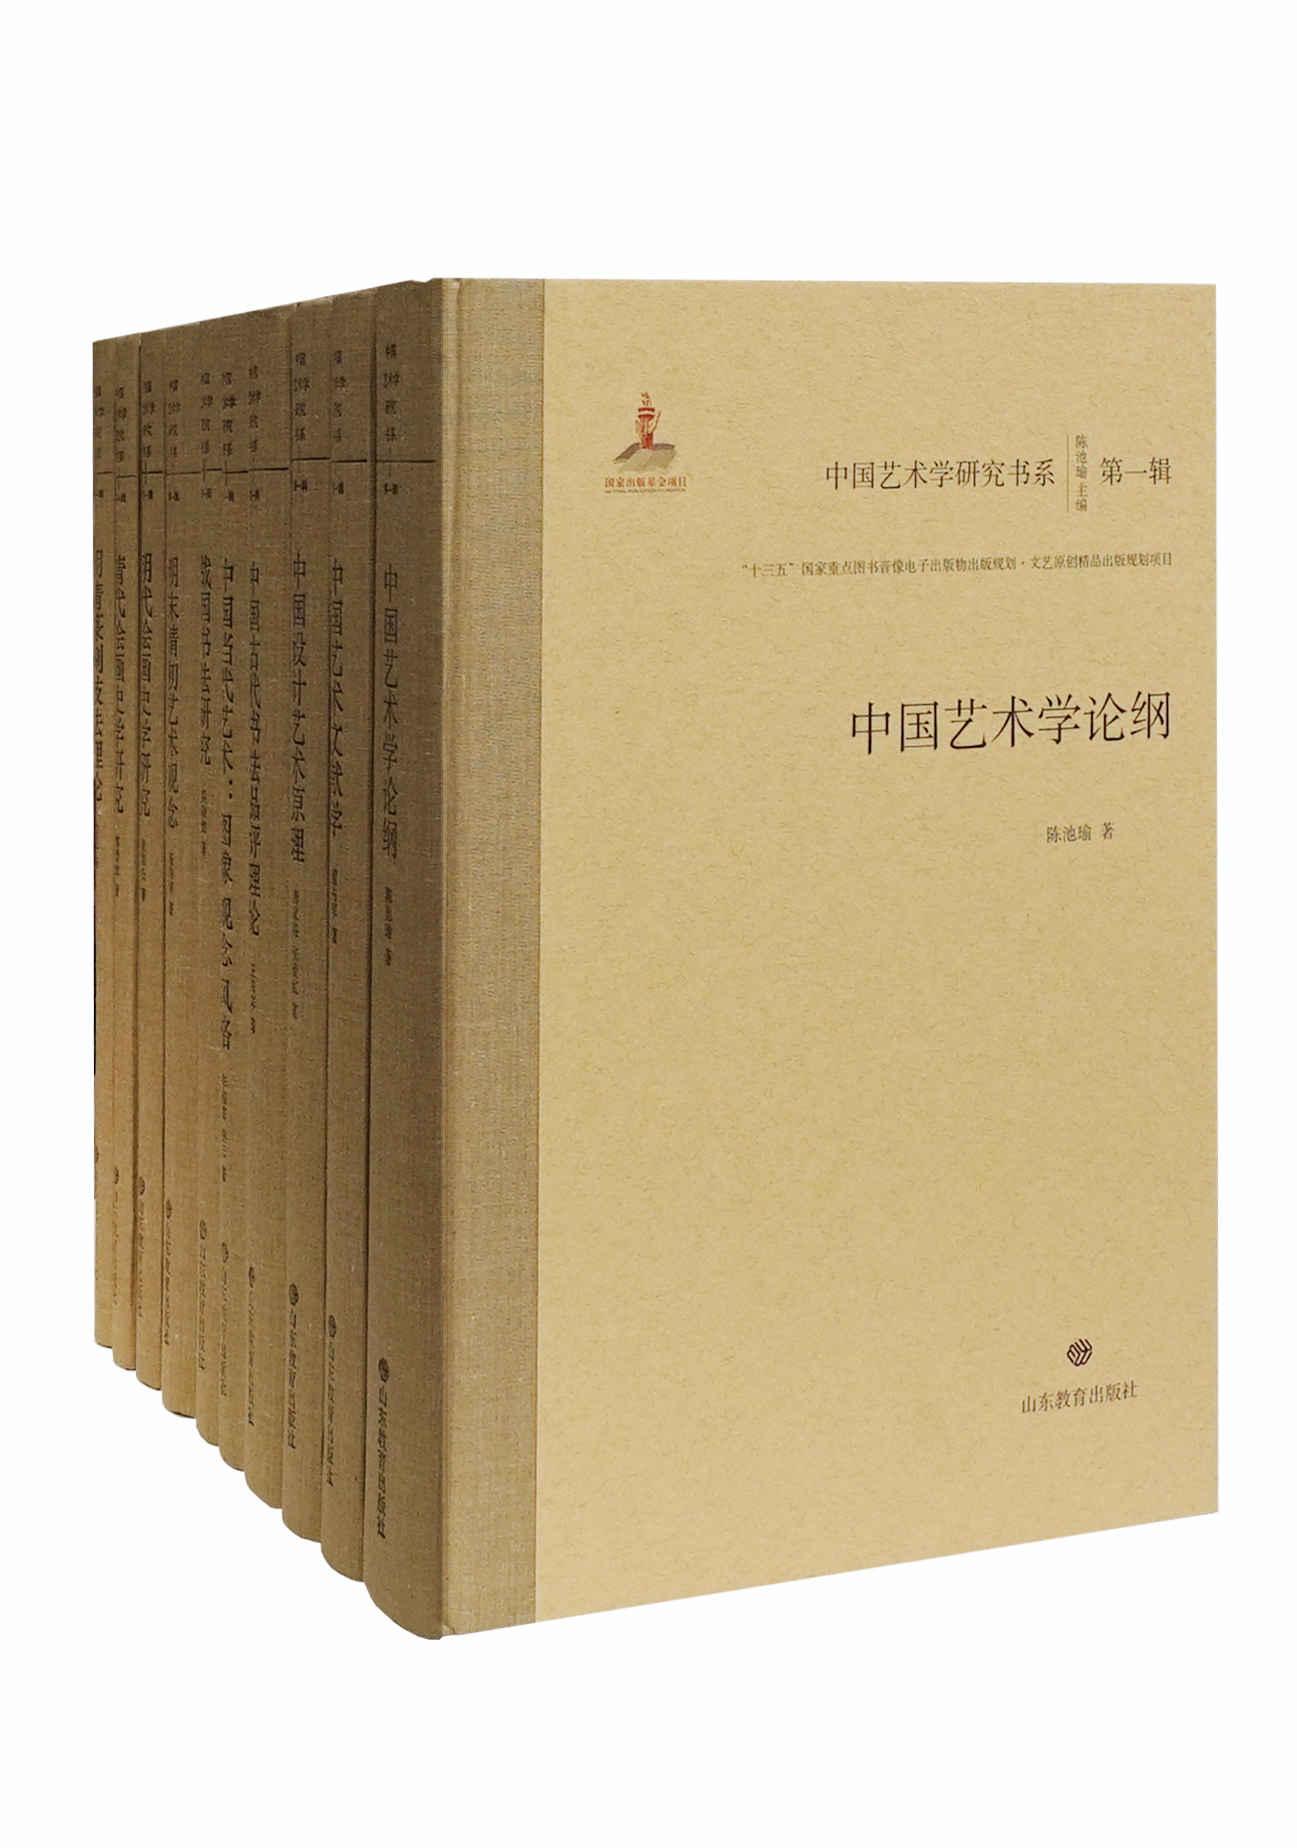 中国艺术学研究书系(第一辑)